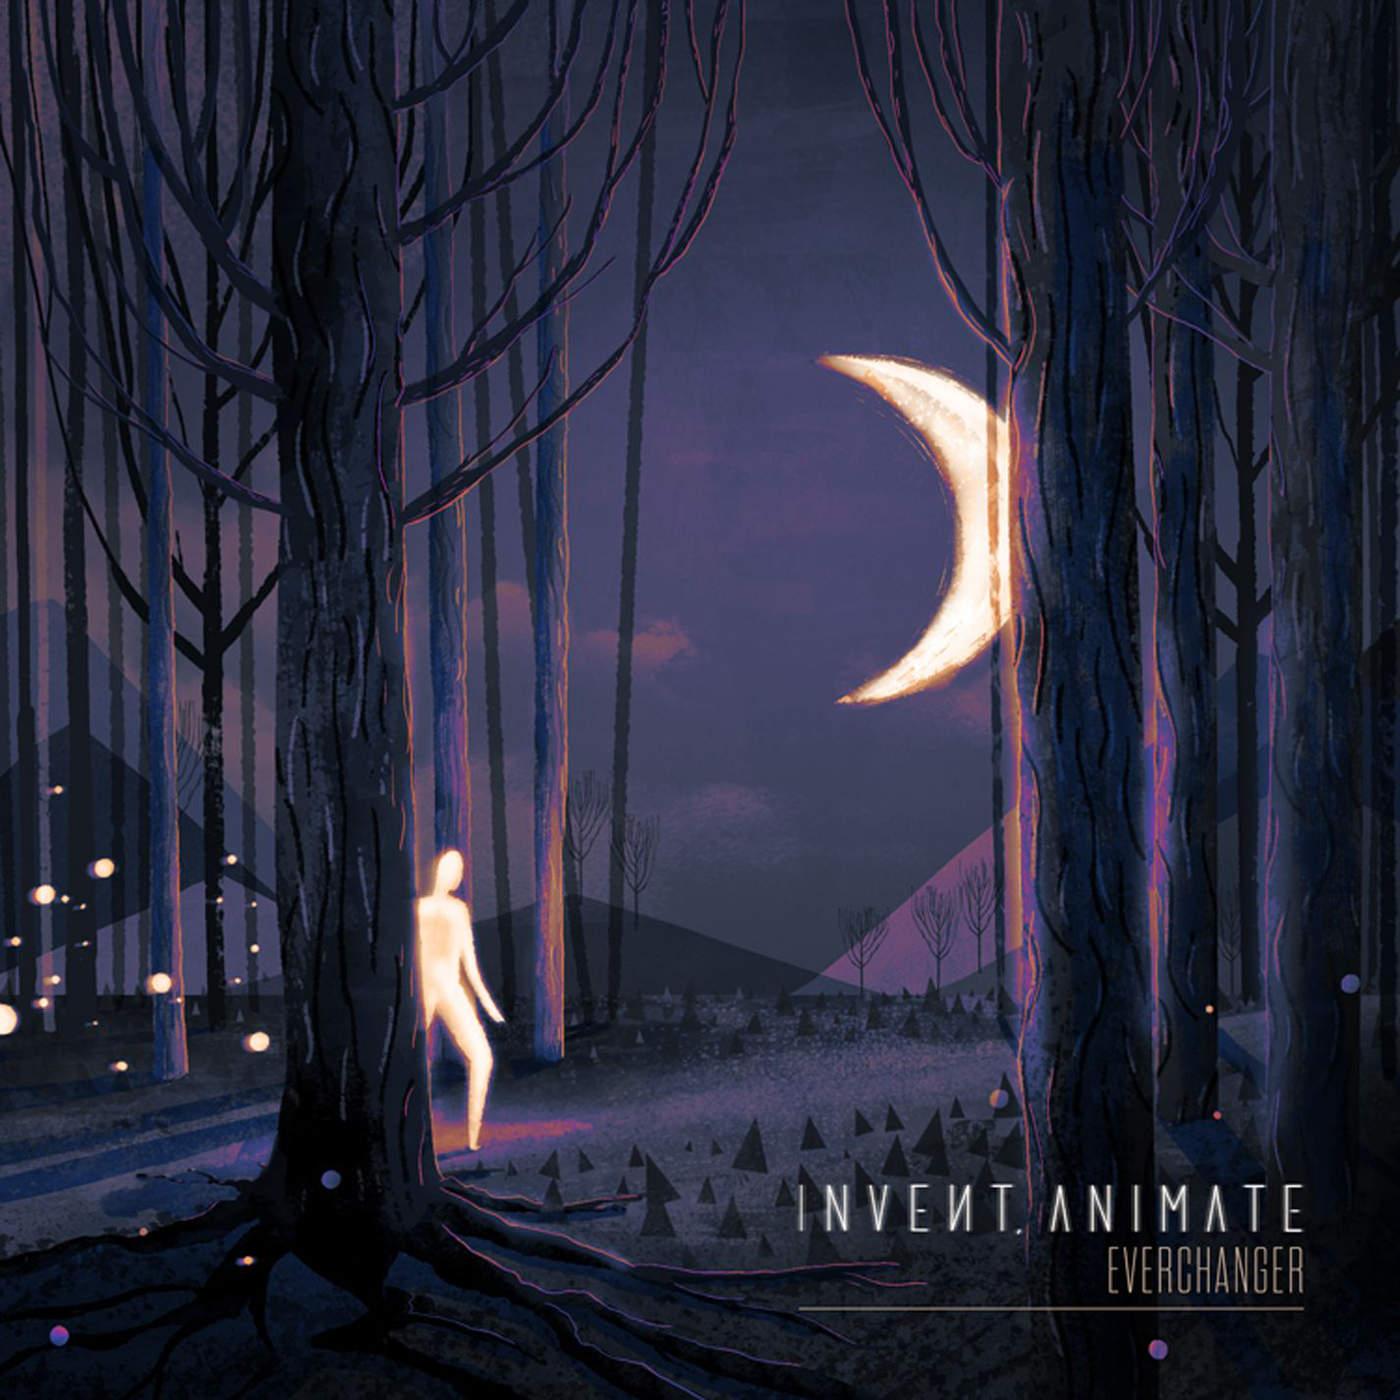 Invent, Animate - Everchanger (2014)